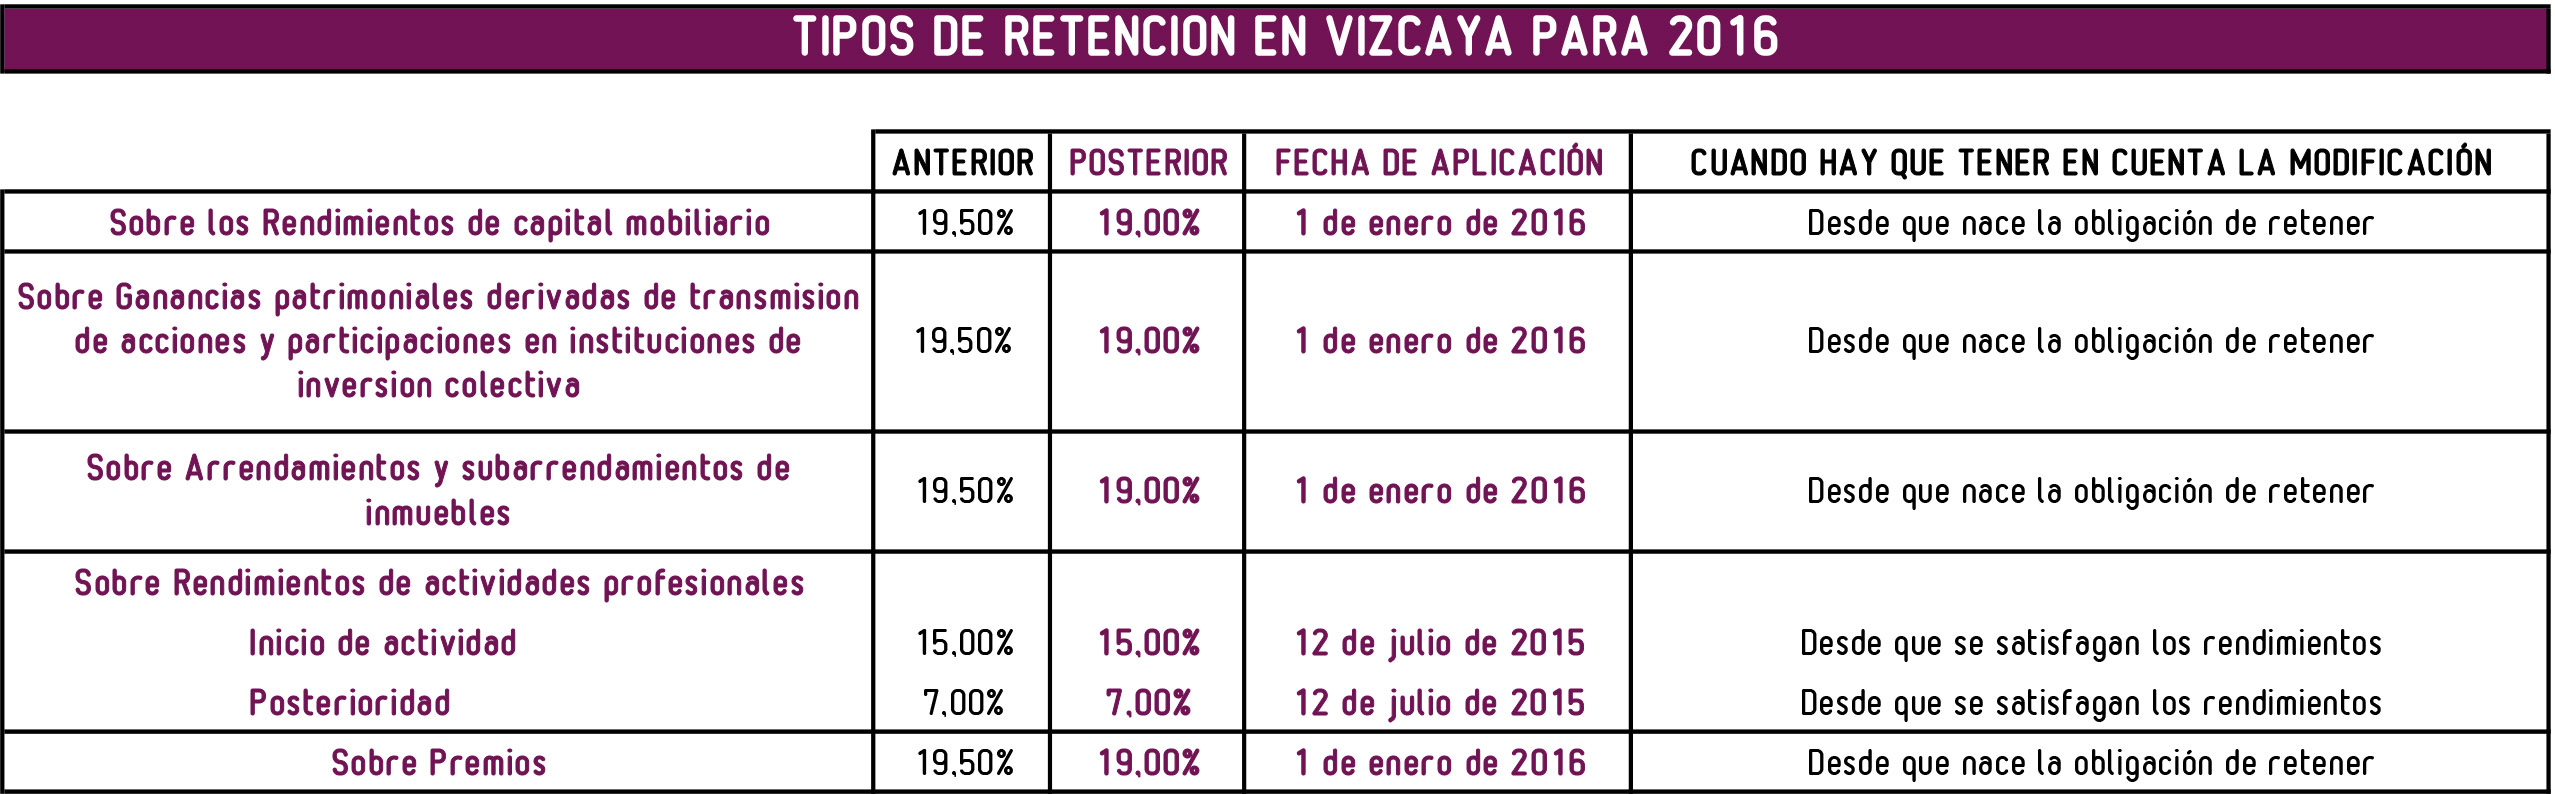 MODIFICACION TIPOS DE RETENCION VIZCAYA 2016